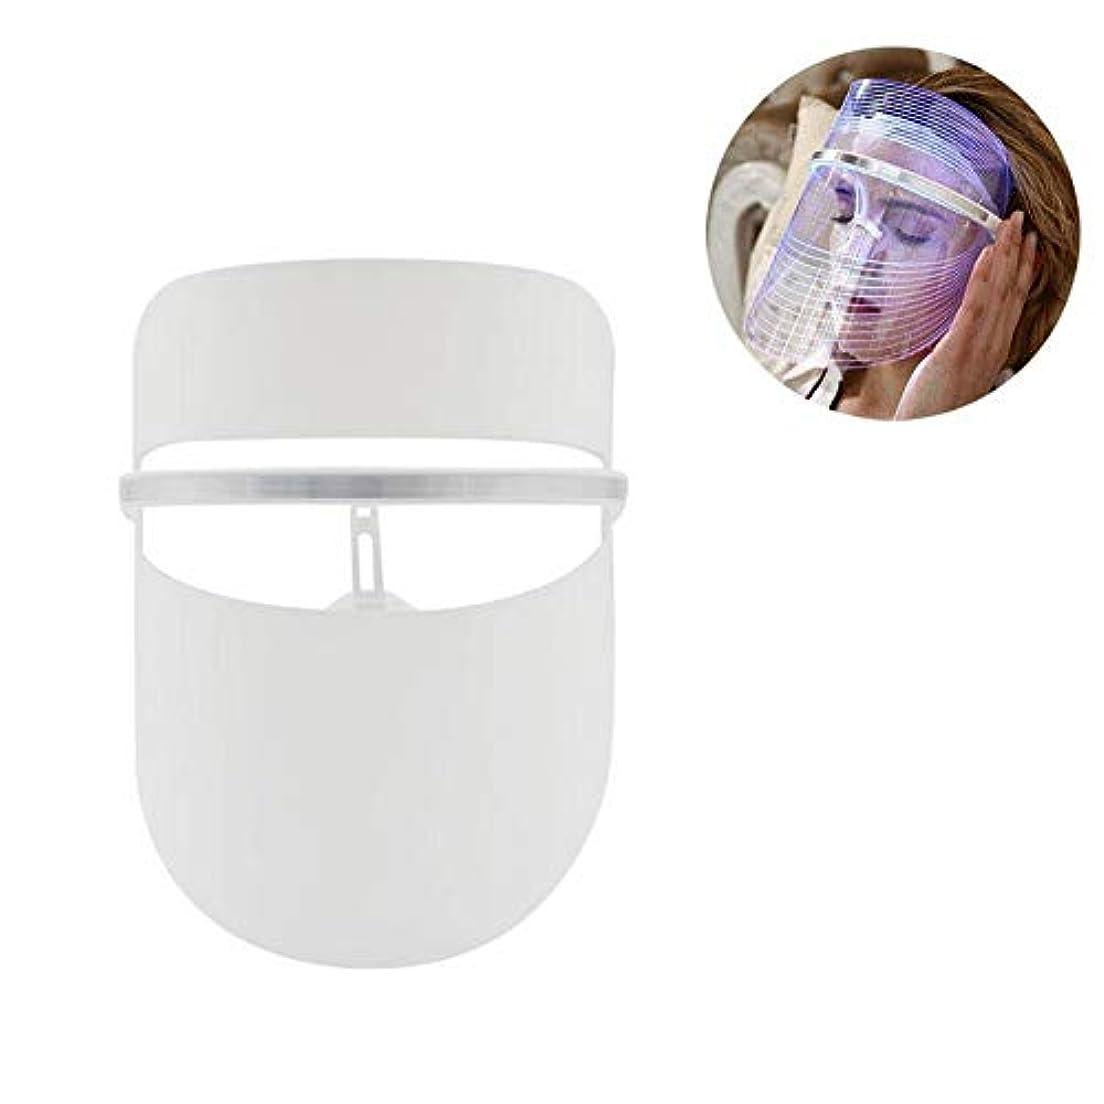 煩わしい手綱いとこ3色LEDライトフェイスマスクしわ除去フェイシャルライトセラピーアンチエイジングシワフェイシャルスキンケアマスク